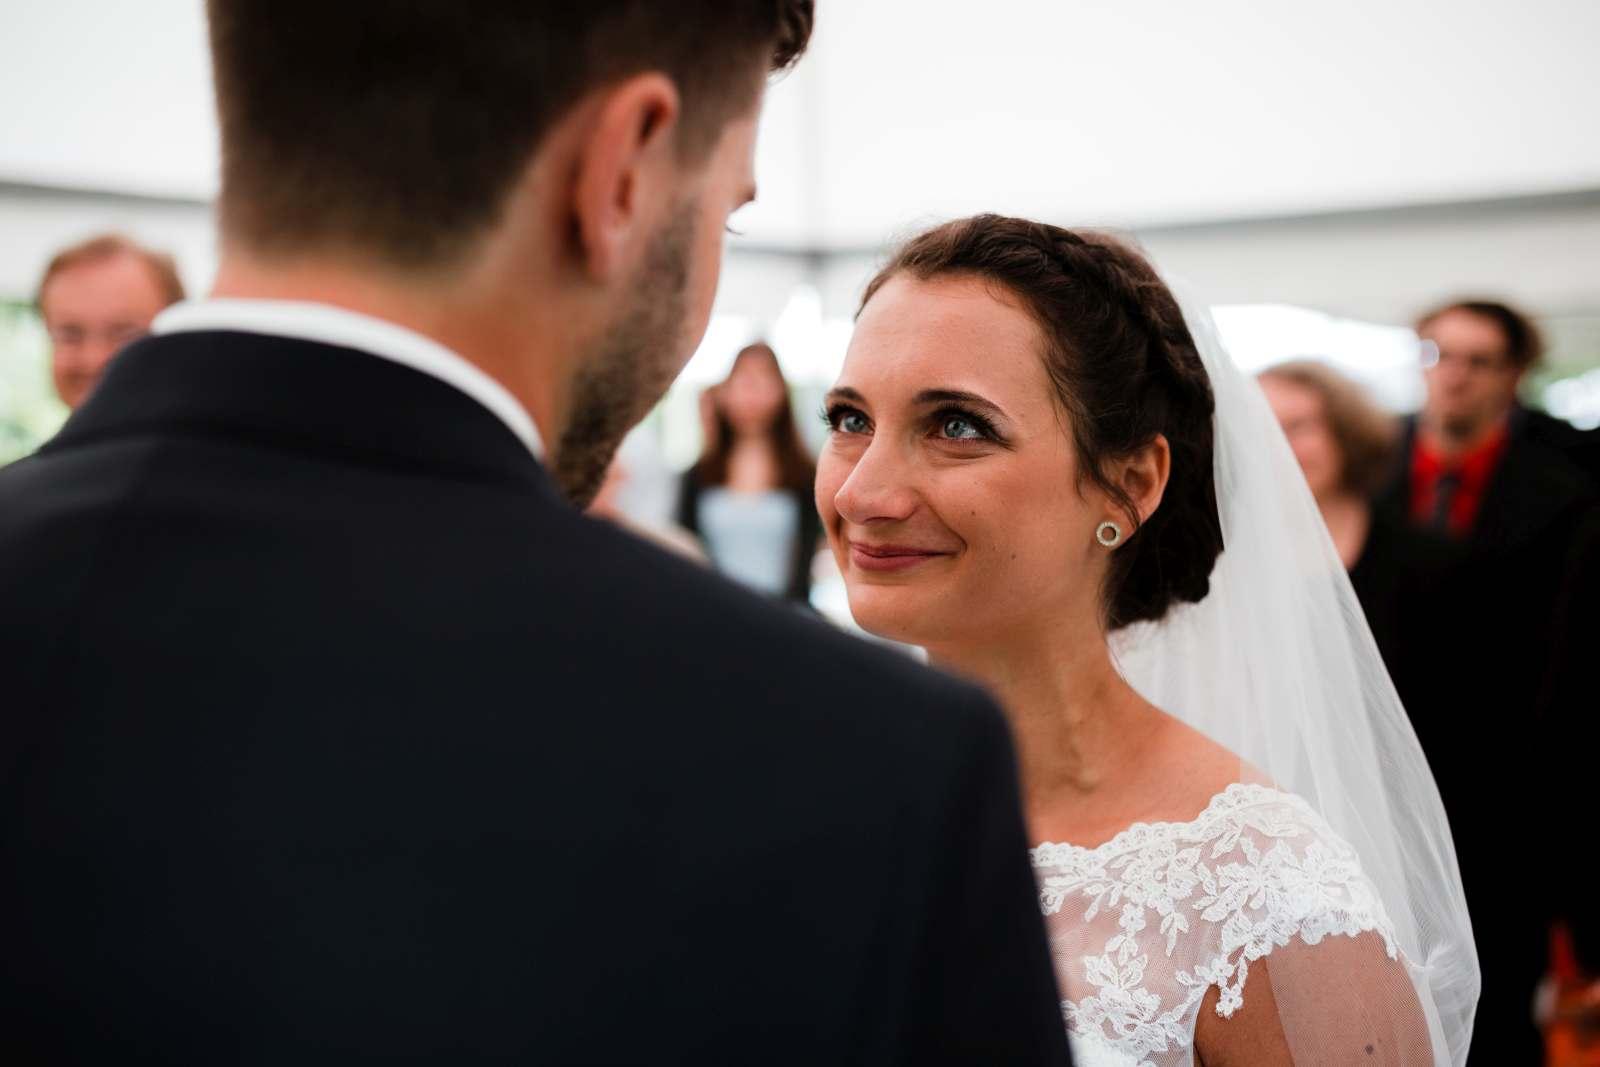 Hochzeitsfotograf Monzernheim freie Trauung von Sarah